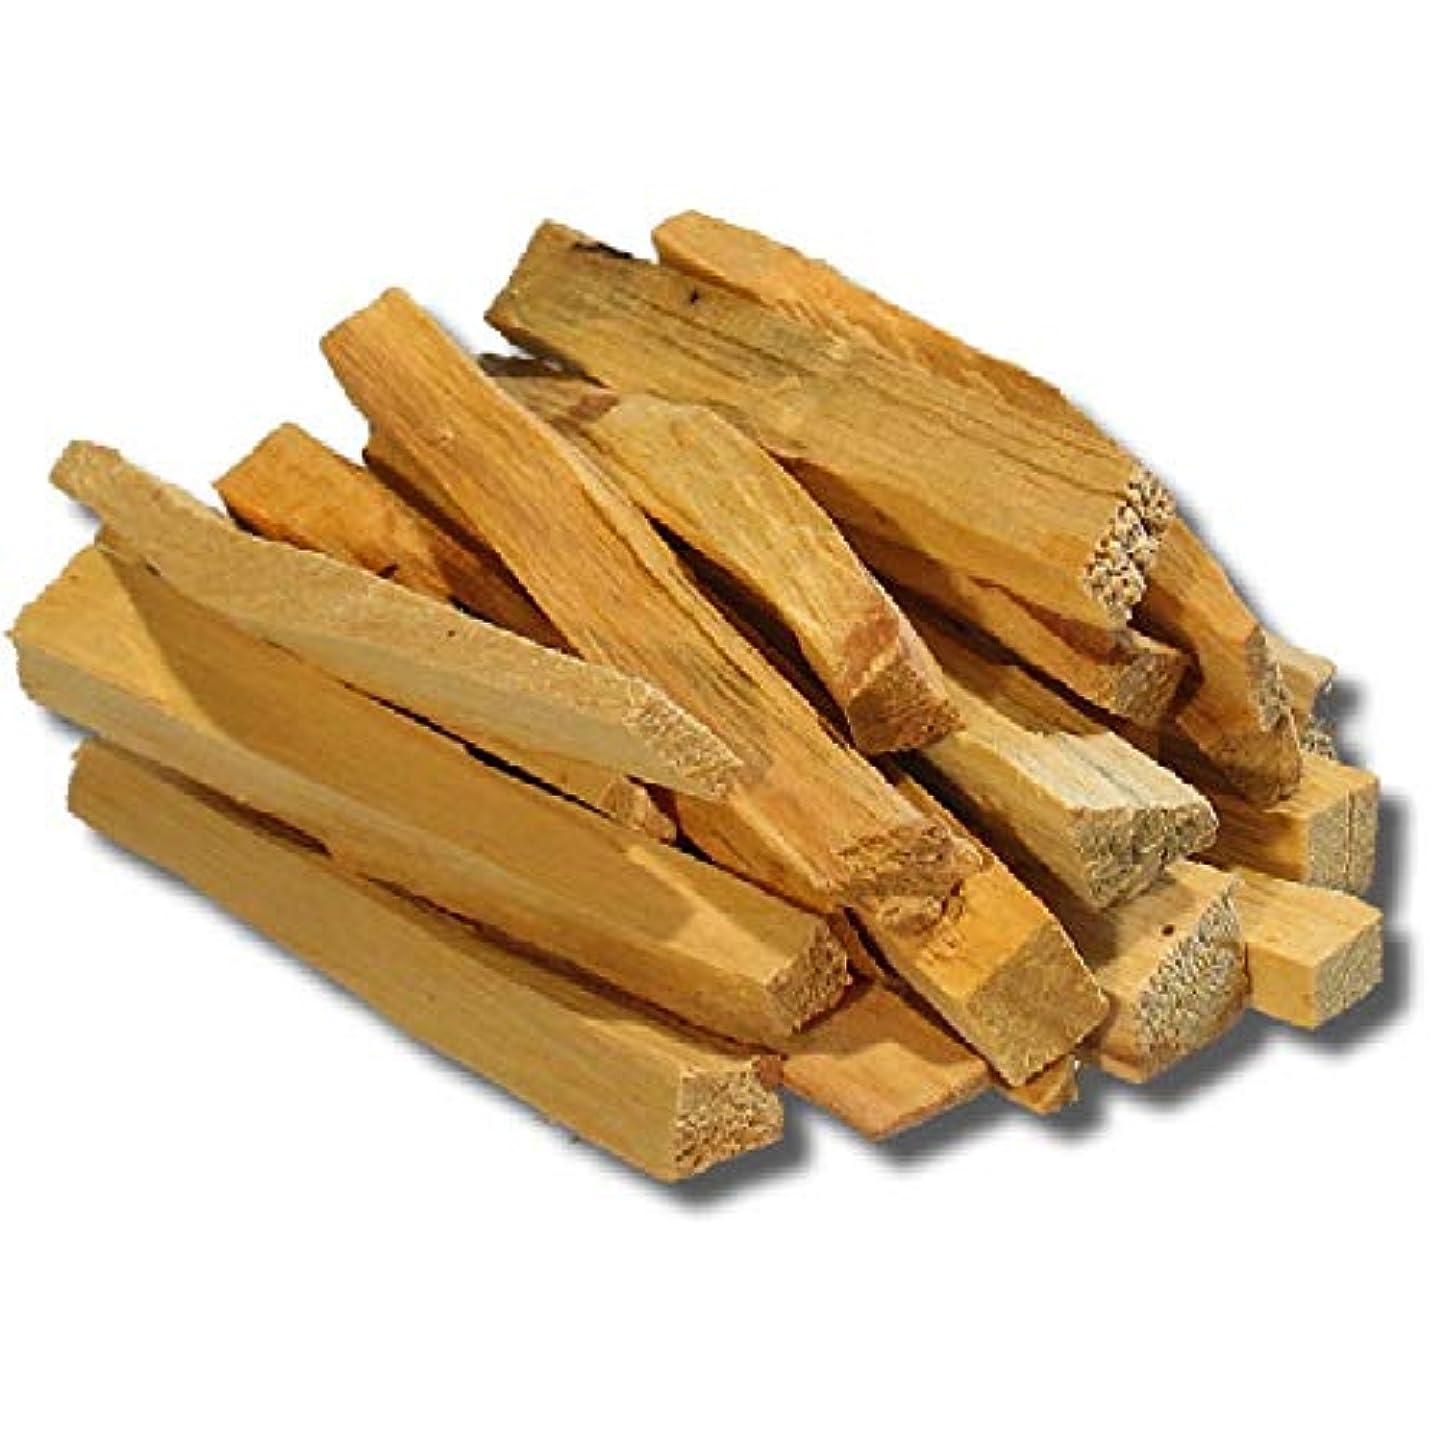 持っている準備する根絶するPalo Santo Holy Wood Incense Sticks 11個